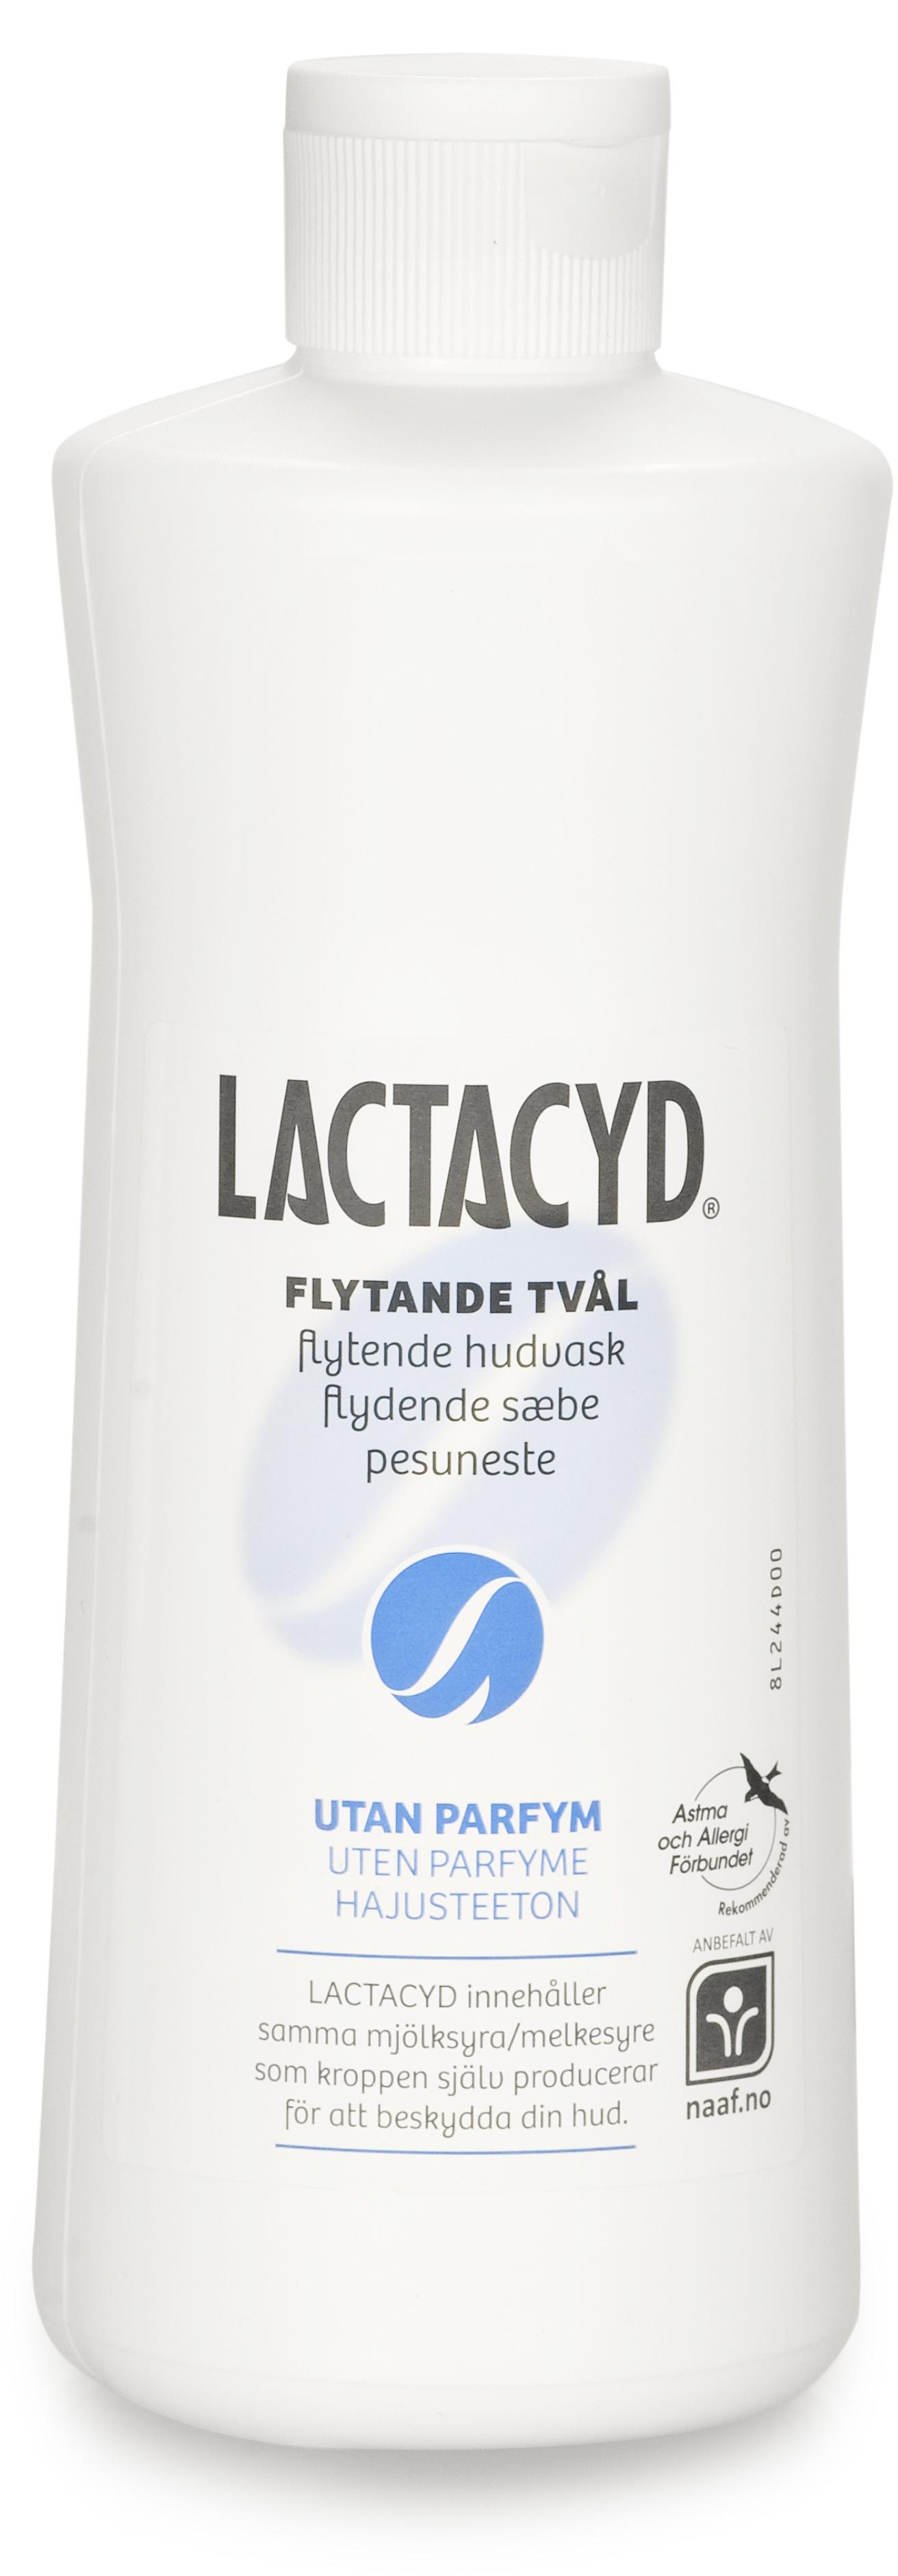 vad är lactacyd